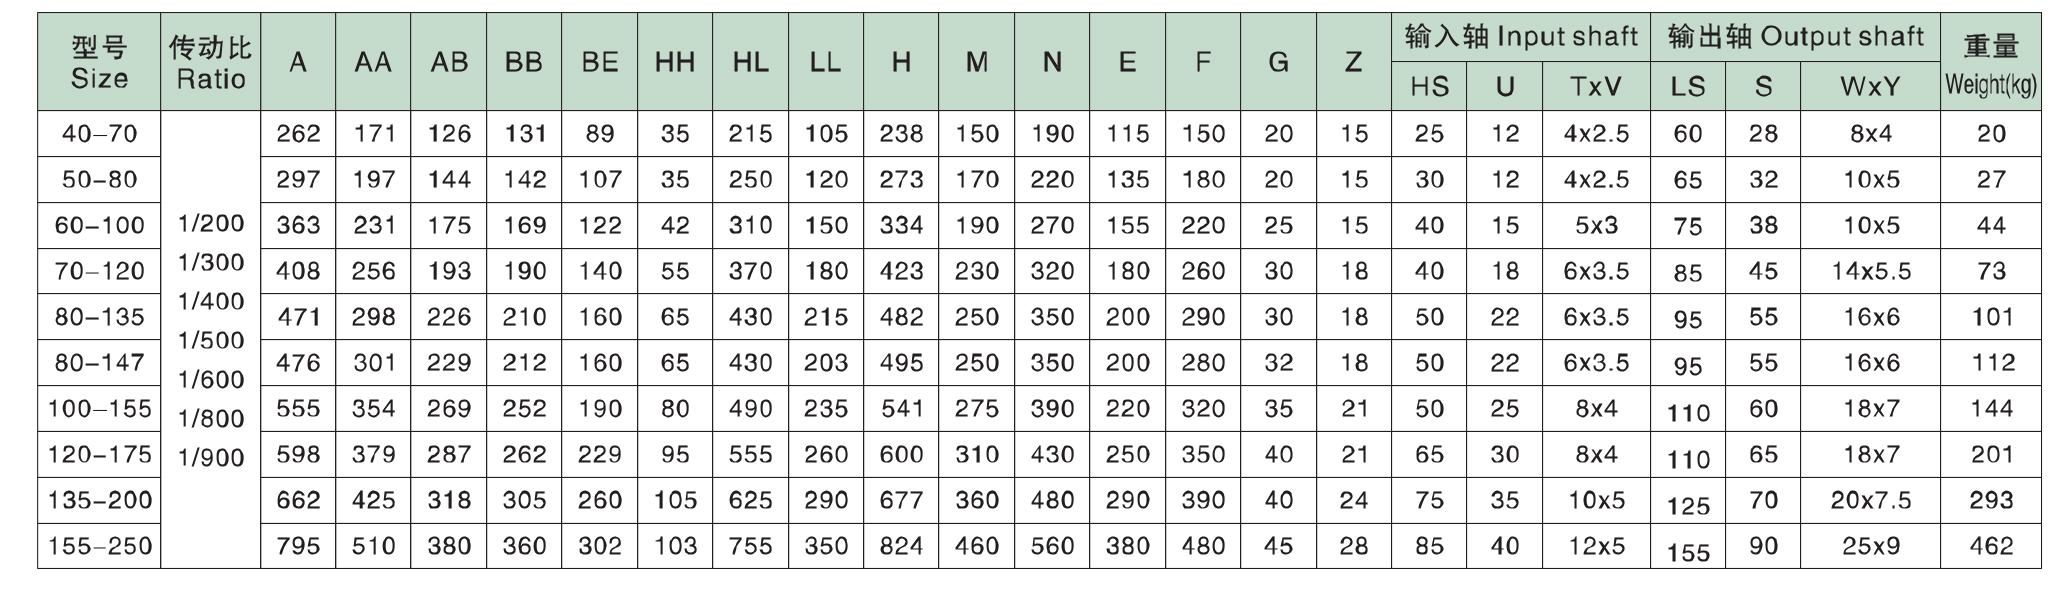 Таблица размеров редукторов WPES